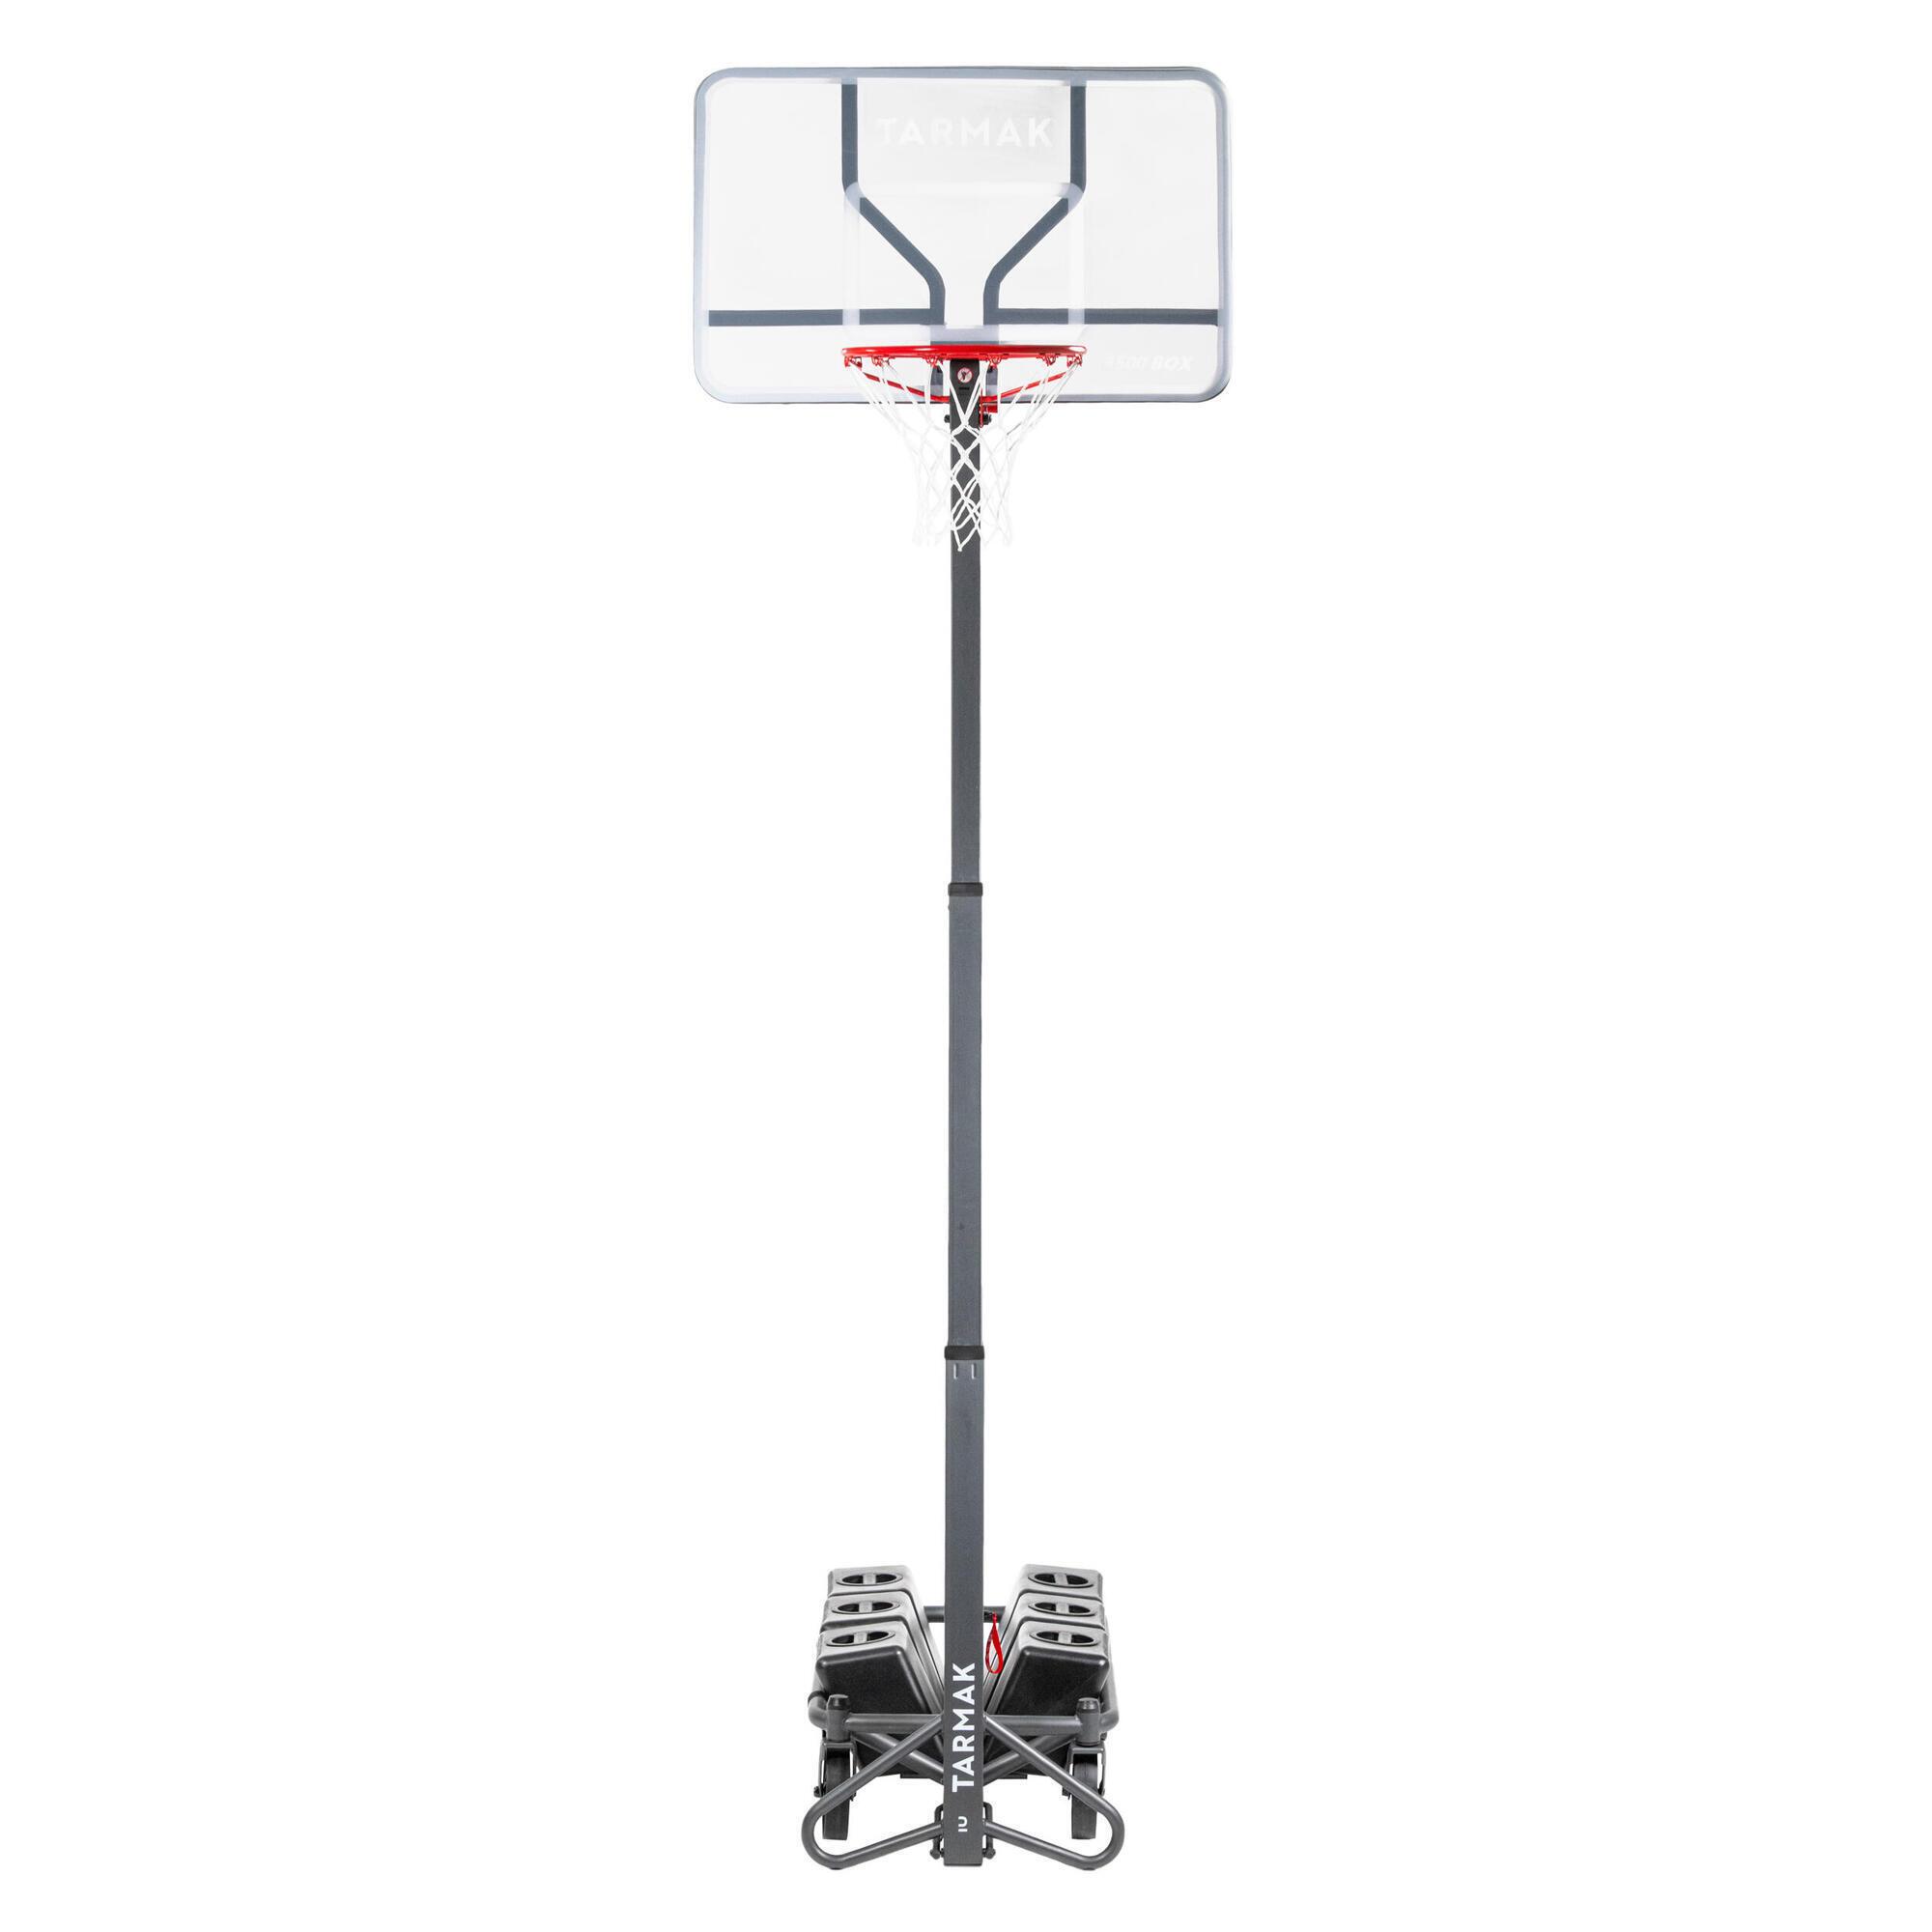 TARMAK Panier de basket enfant/adulte B500. 2,40m à 3,05m. Se règle et se range en 1mn. - TARMAK - SANS TAILLE